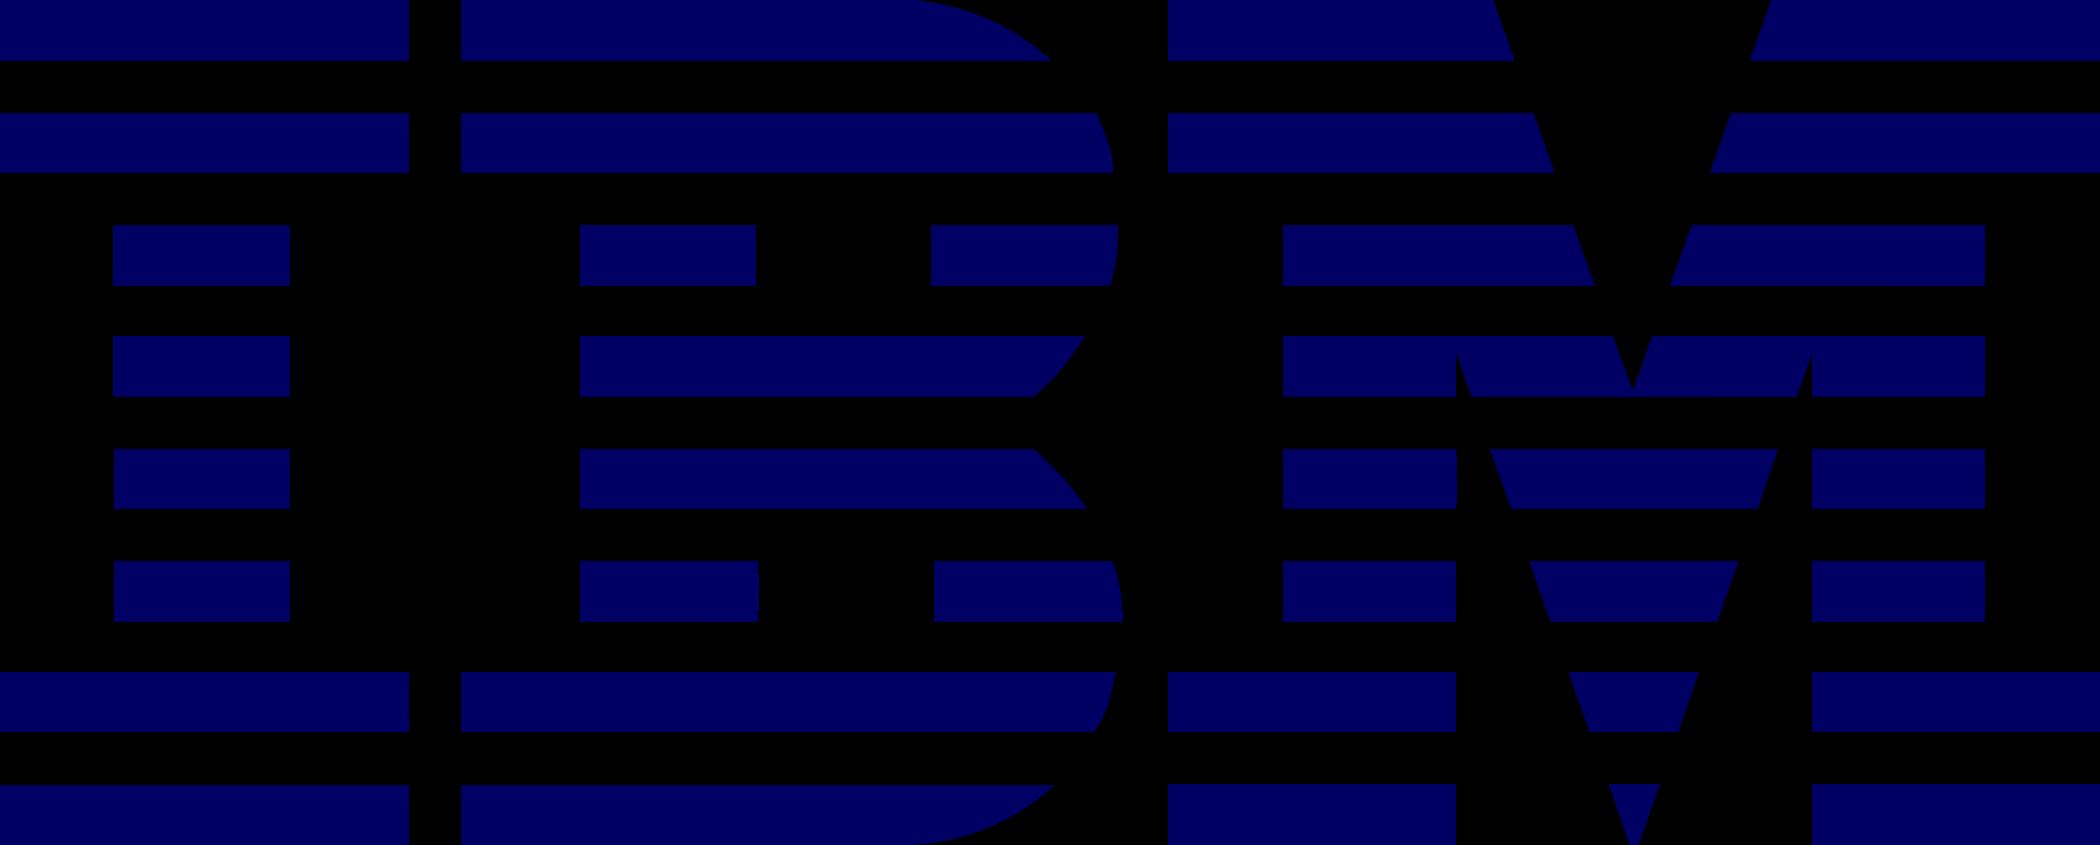 ibm logo 2 - IBM Logo